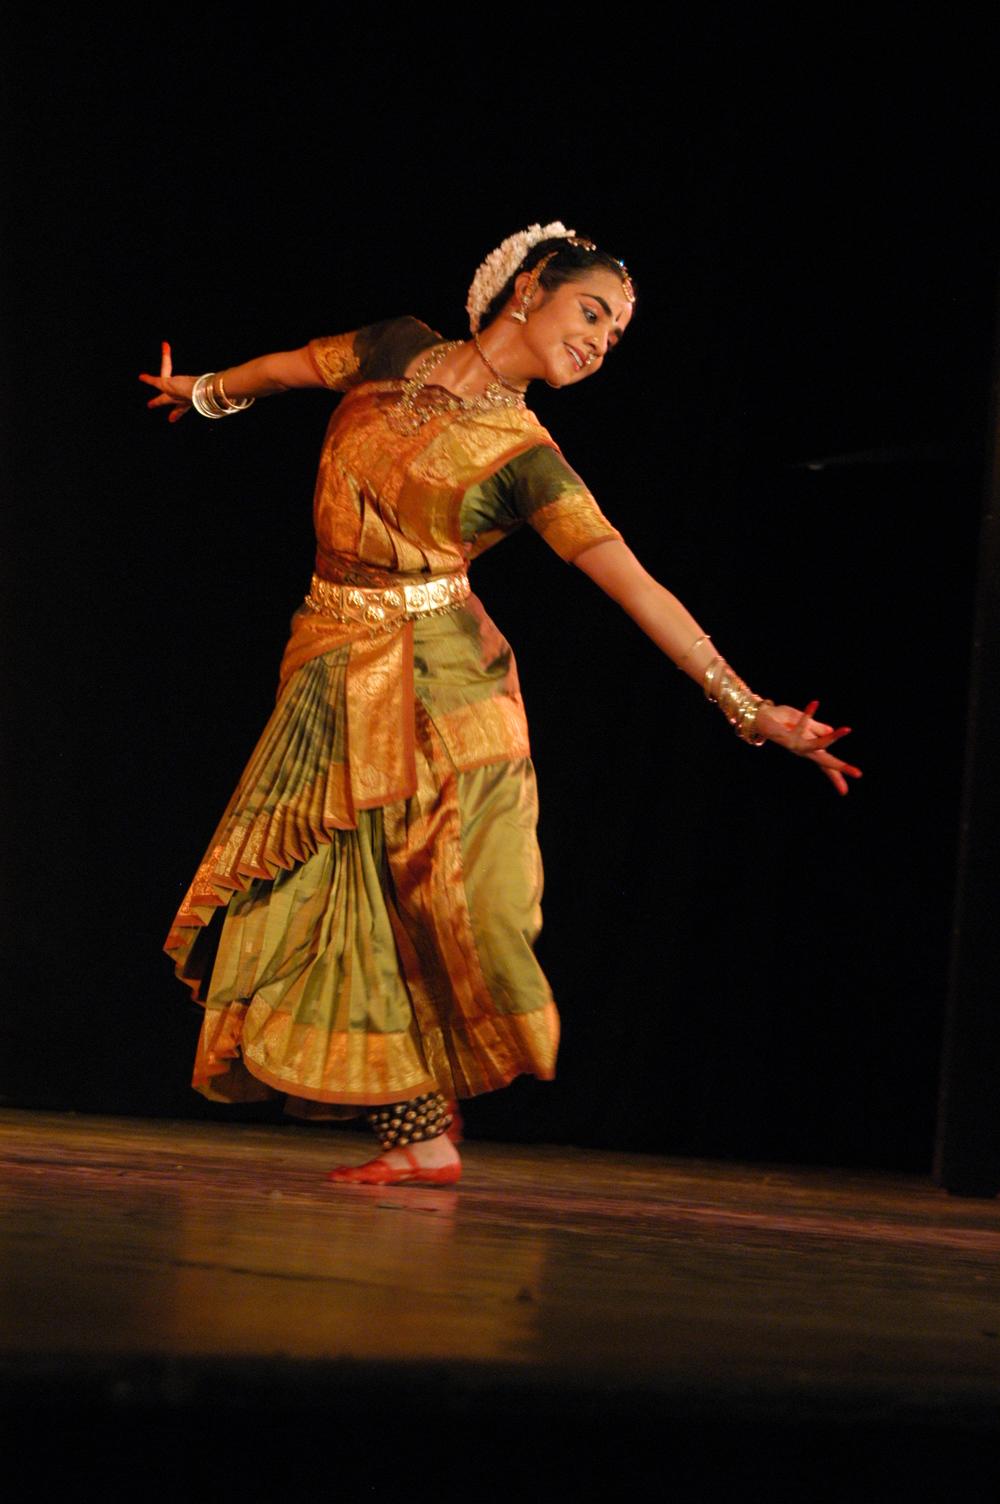 Solo Bharatanatyam at Bharat Kalachar, 2005 | Photo: Chella Vaidyanathan